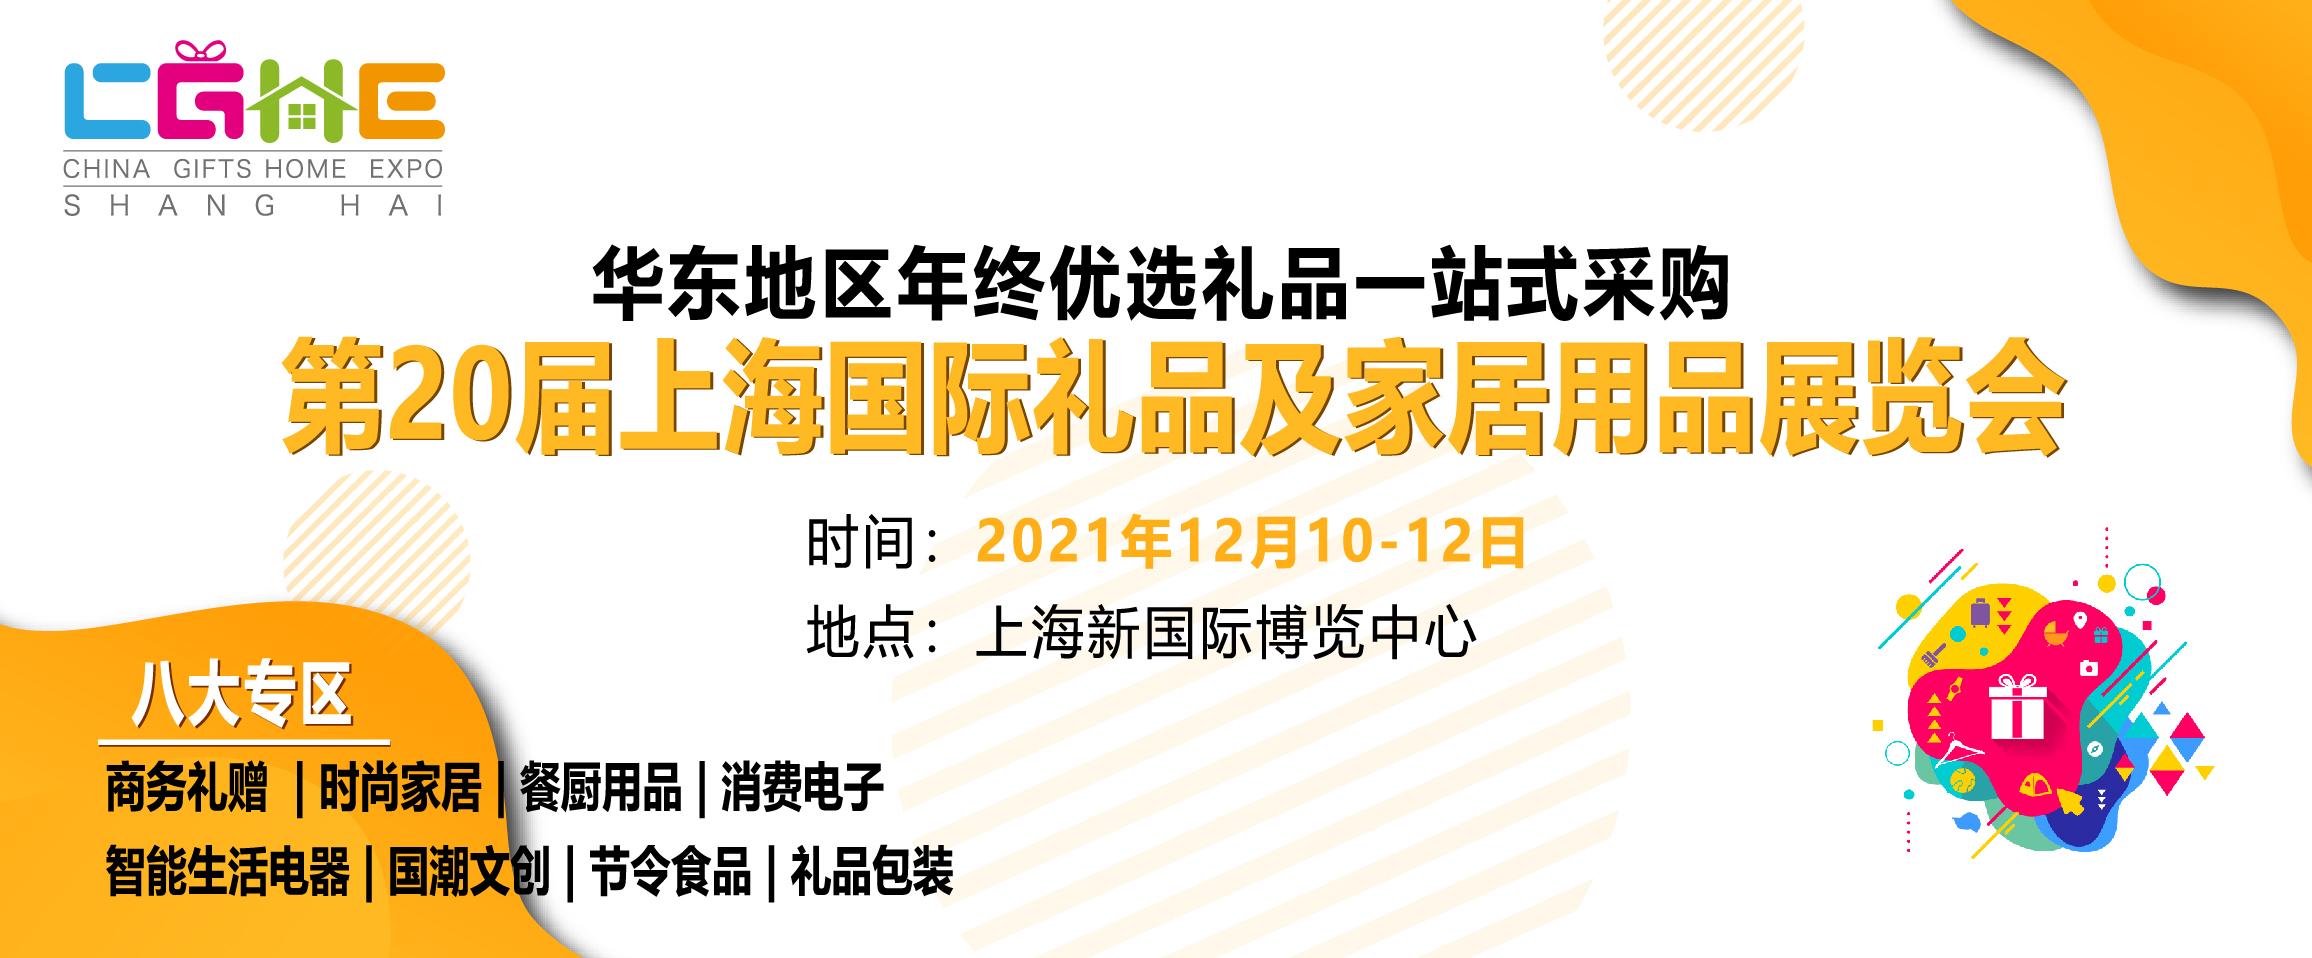 2021.12.10-12第20届上海国际礼品及家居用品展览会  